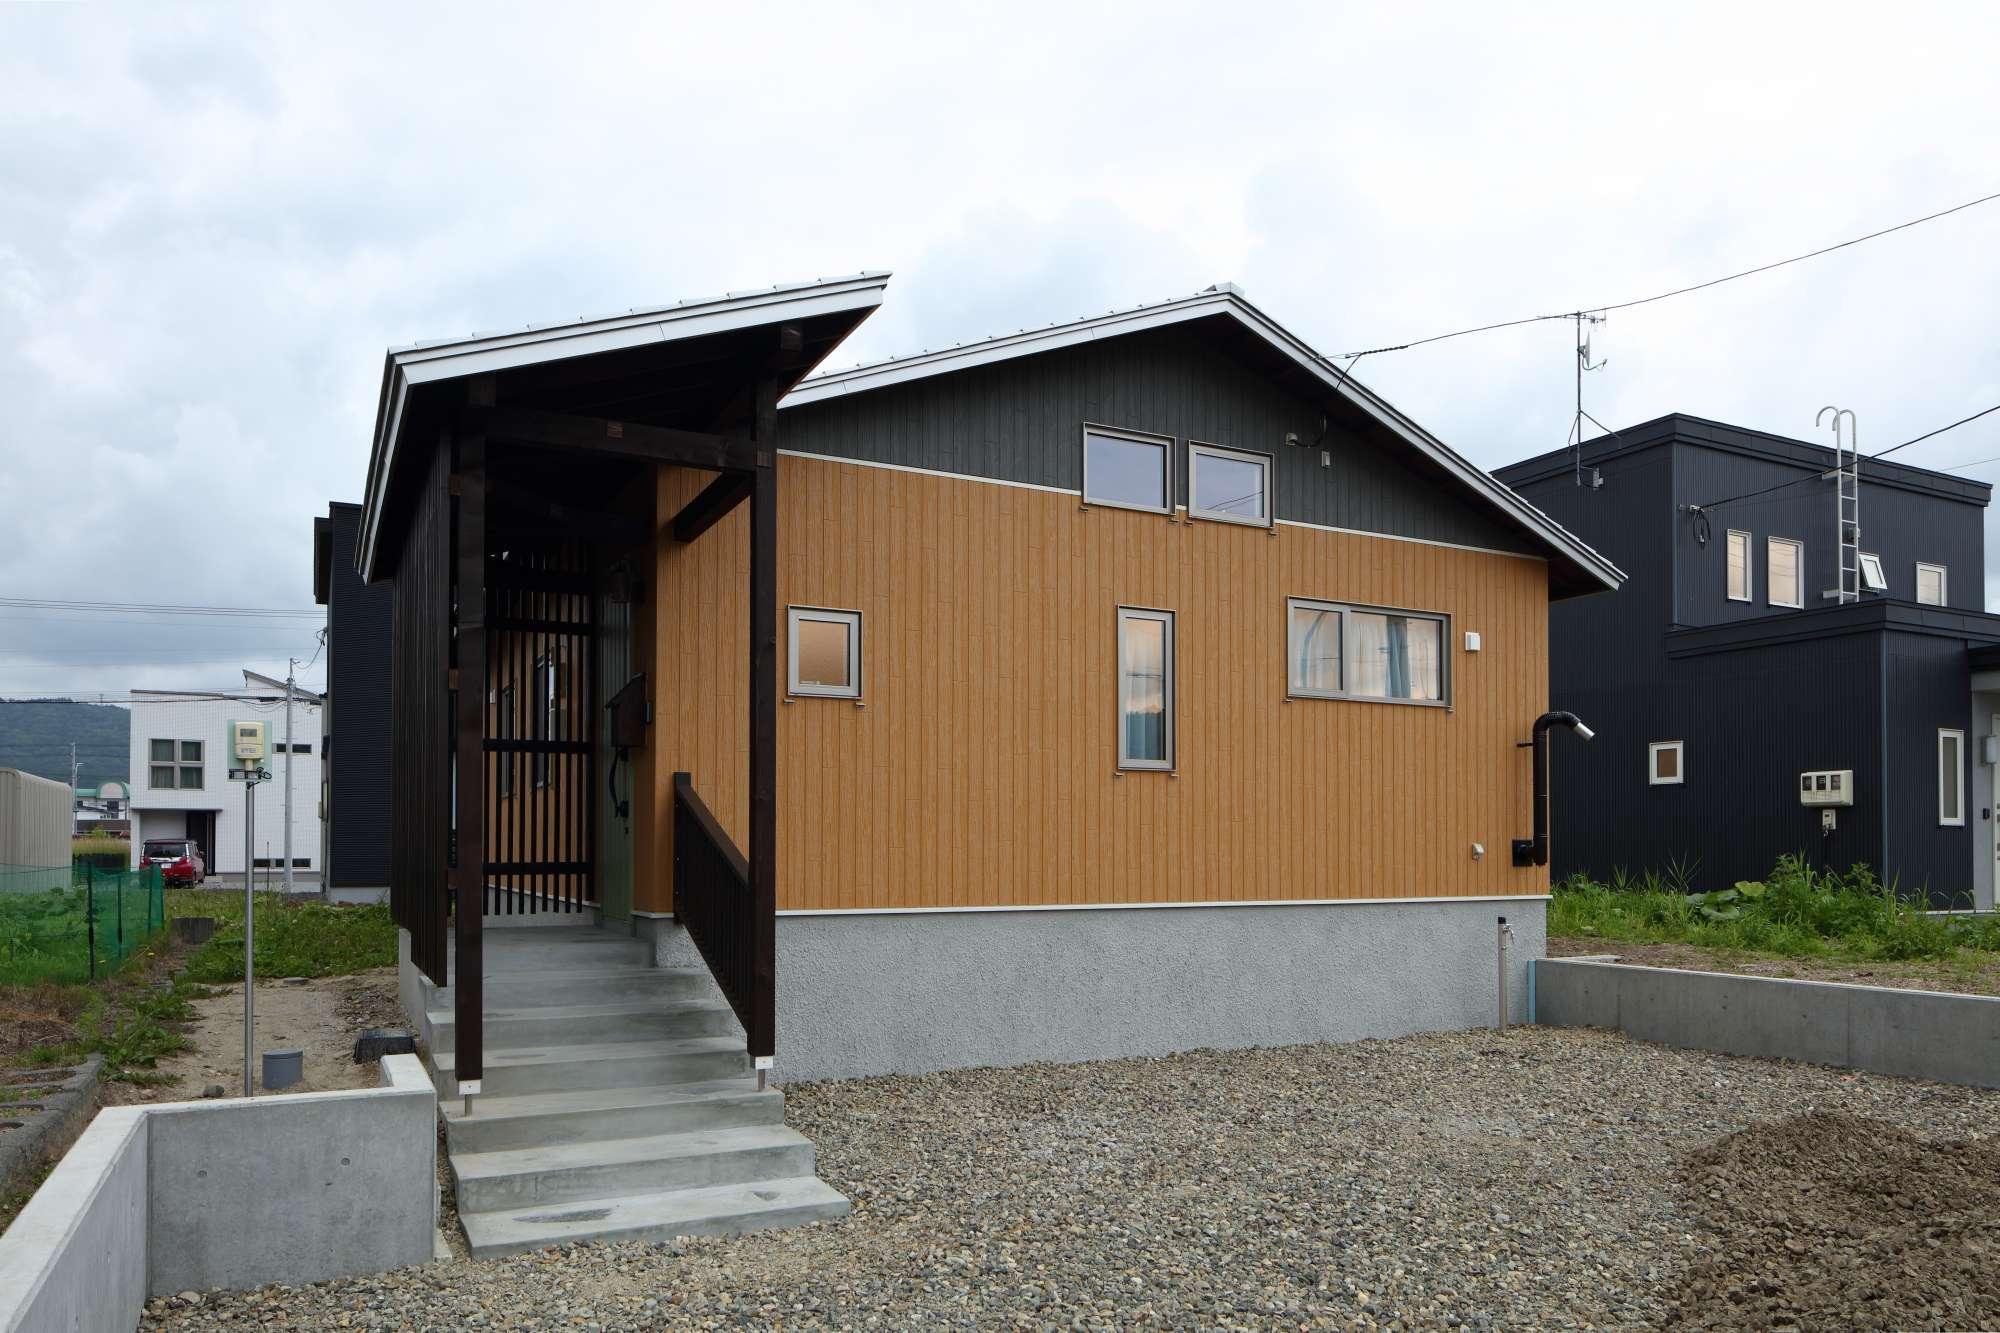 玄関のアプローチは木製の造作ルーバーを使用 -  -  -